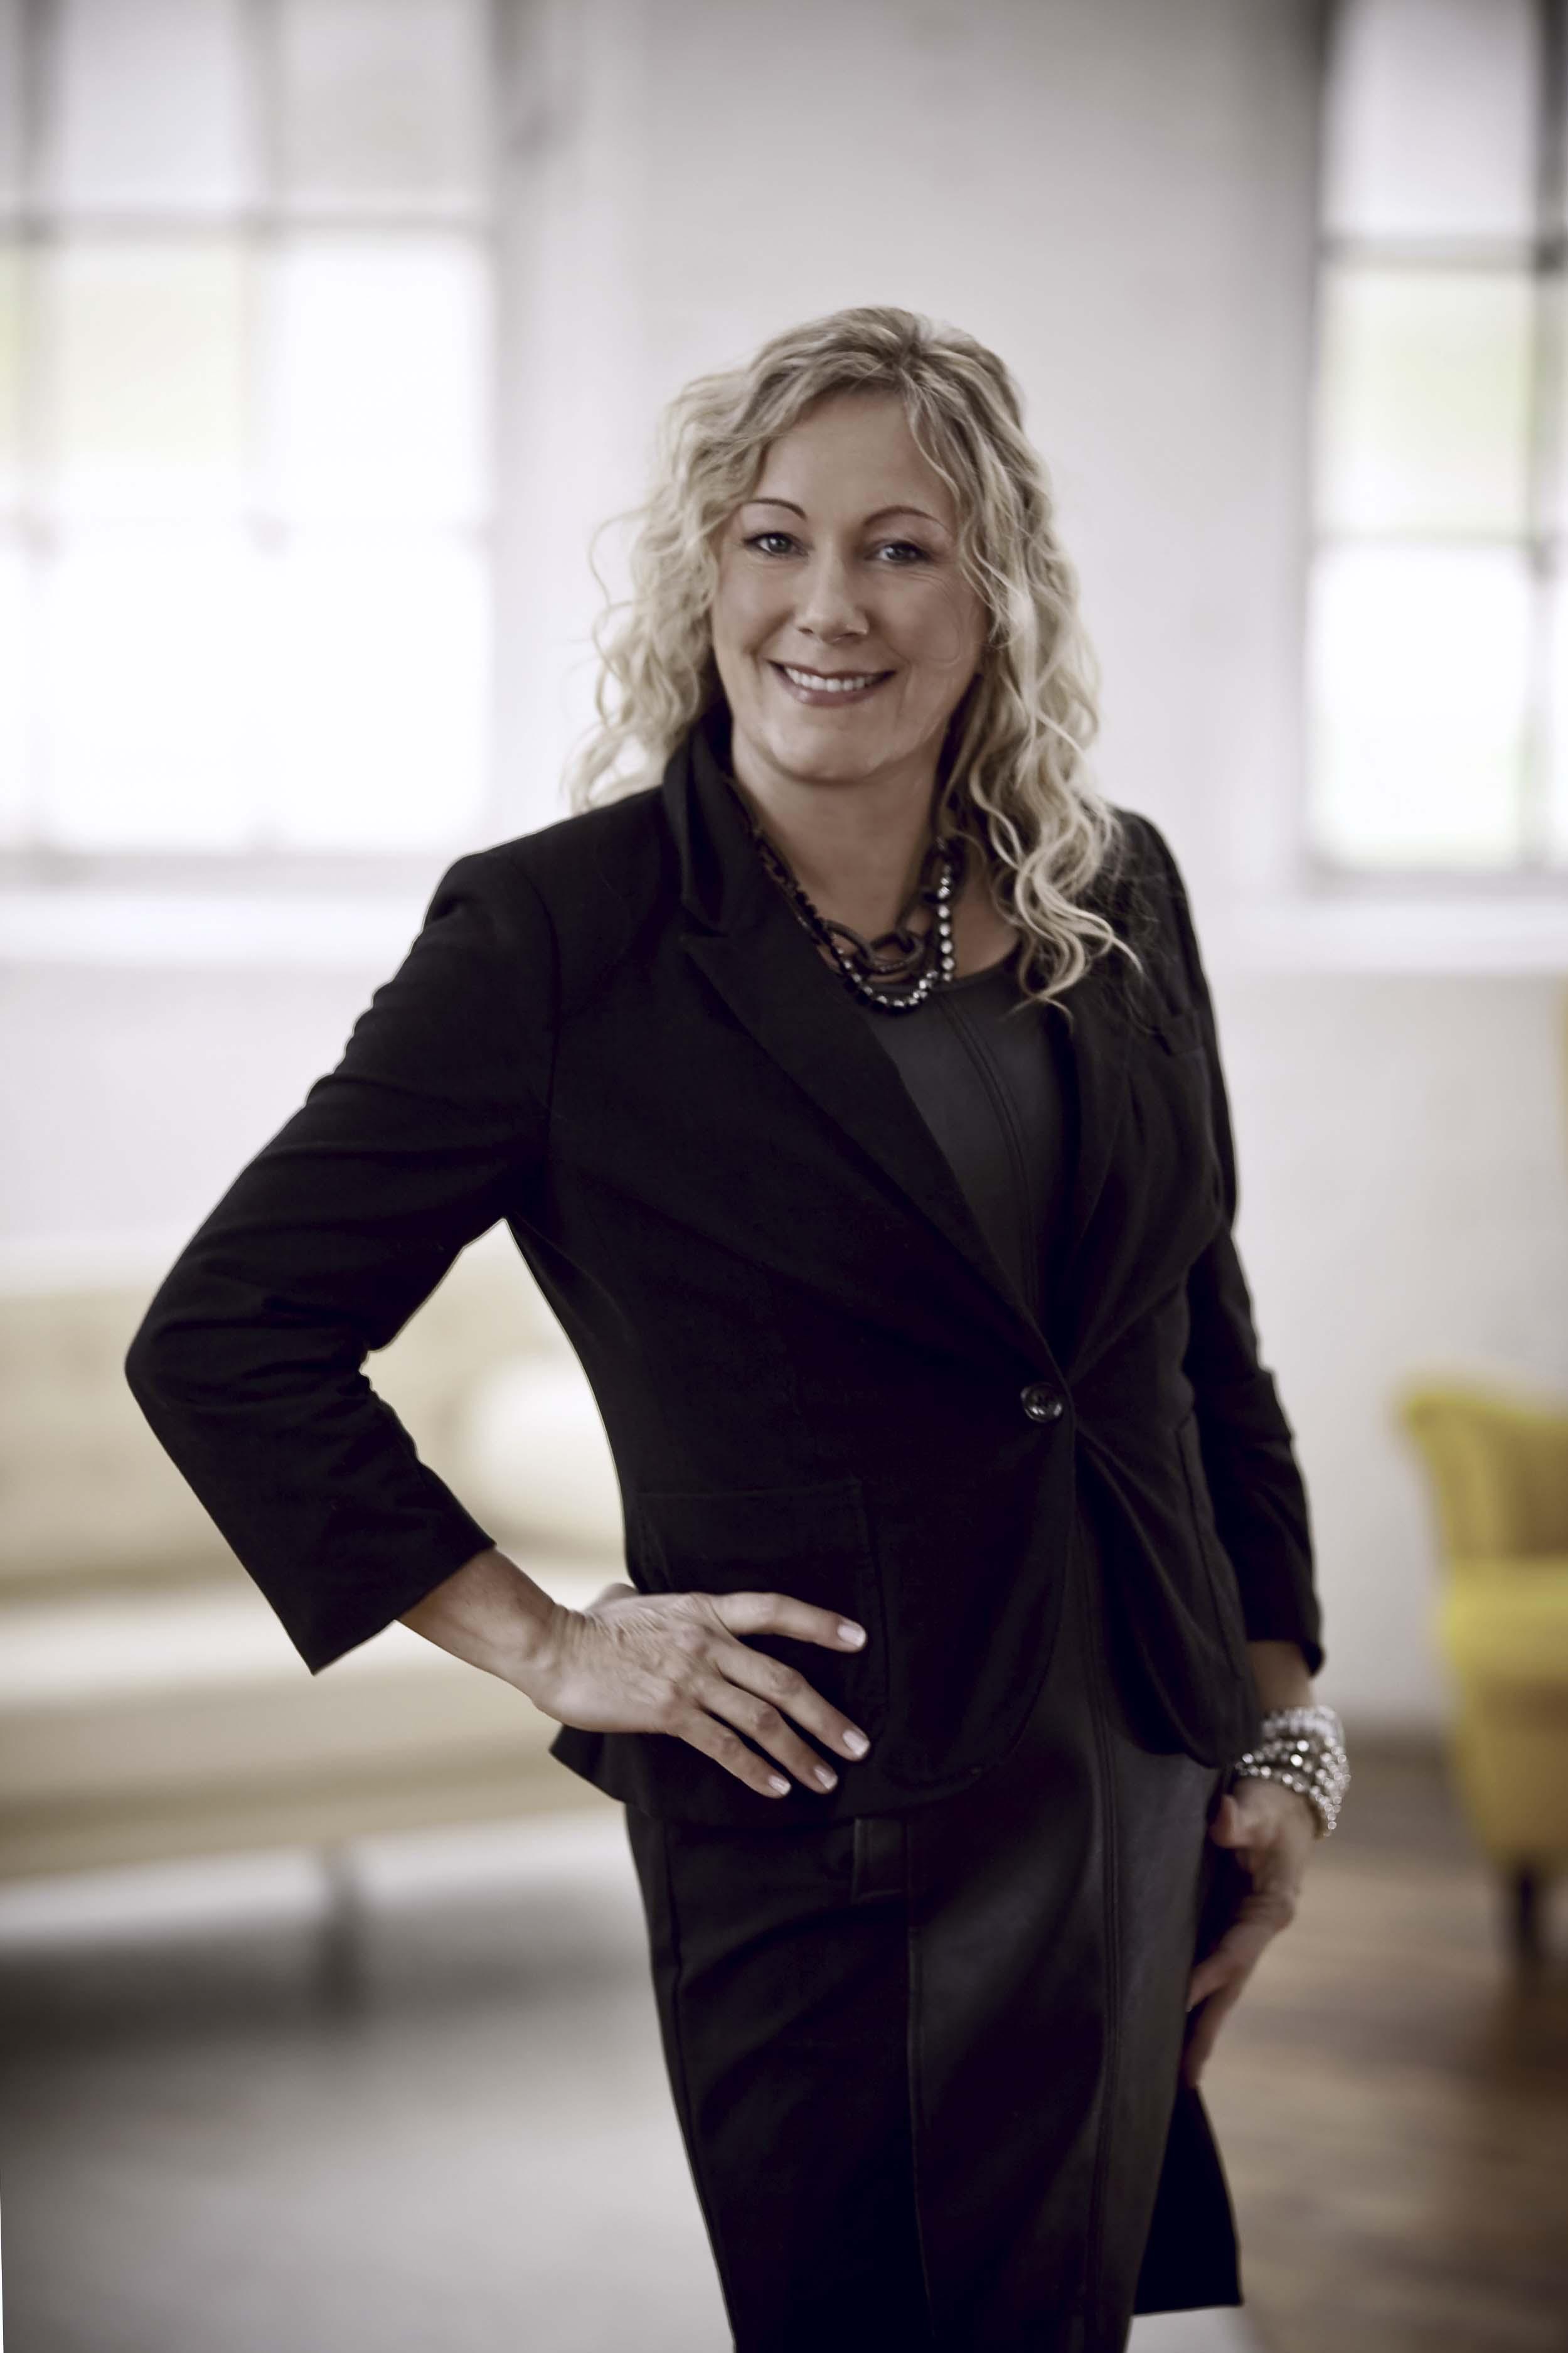 Julie Ann O'Neill